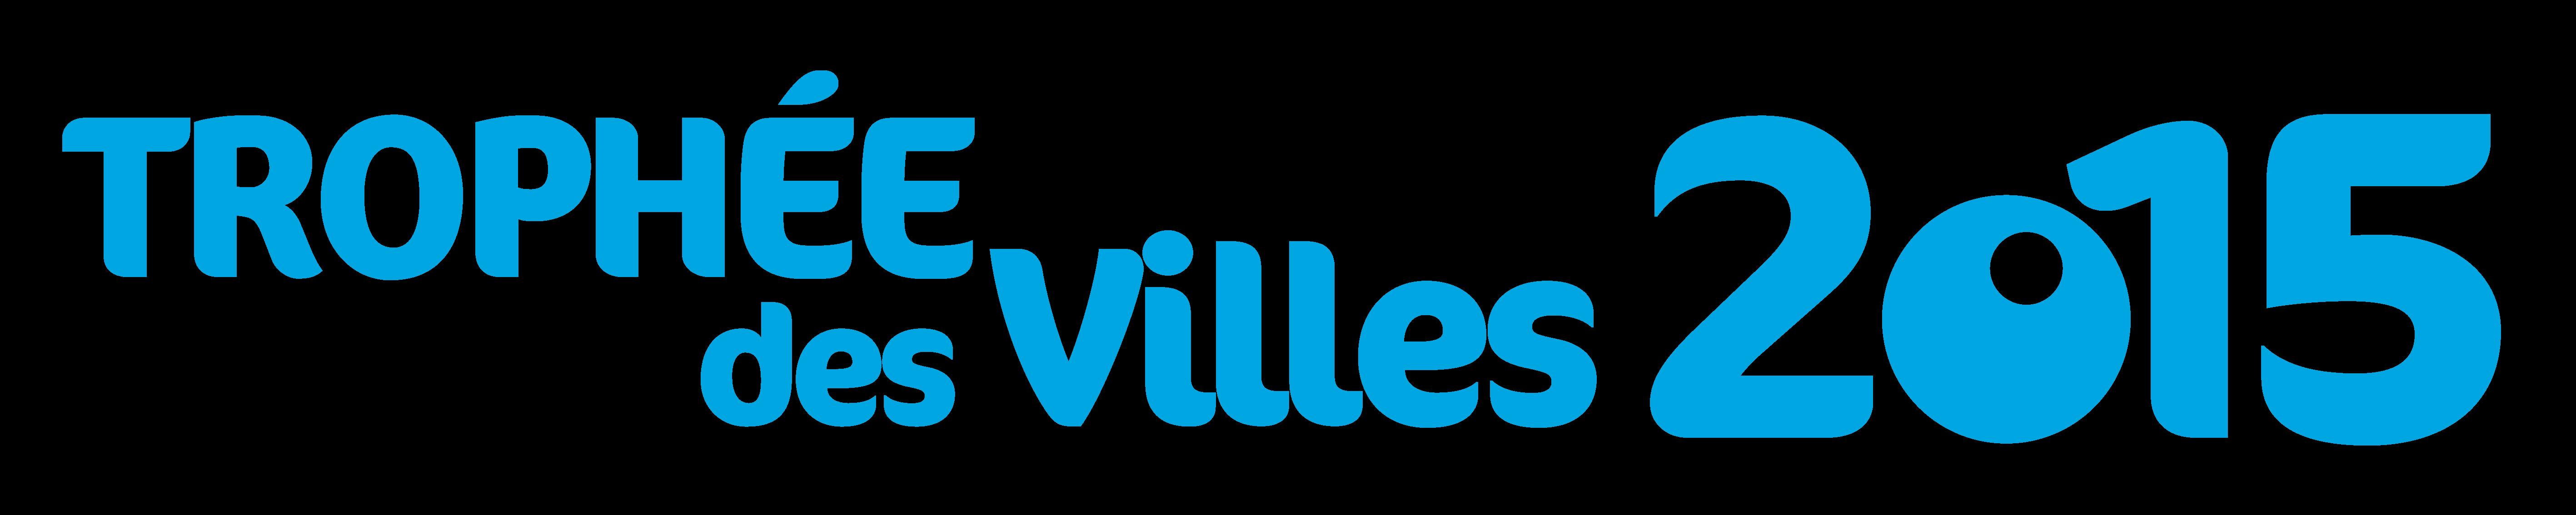 TROPHEE DES VILLES